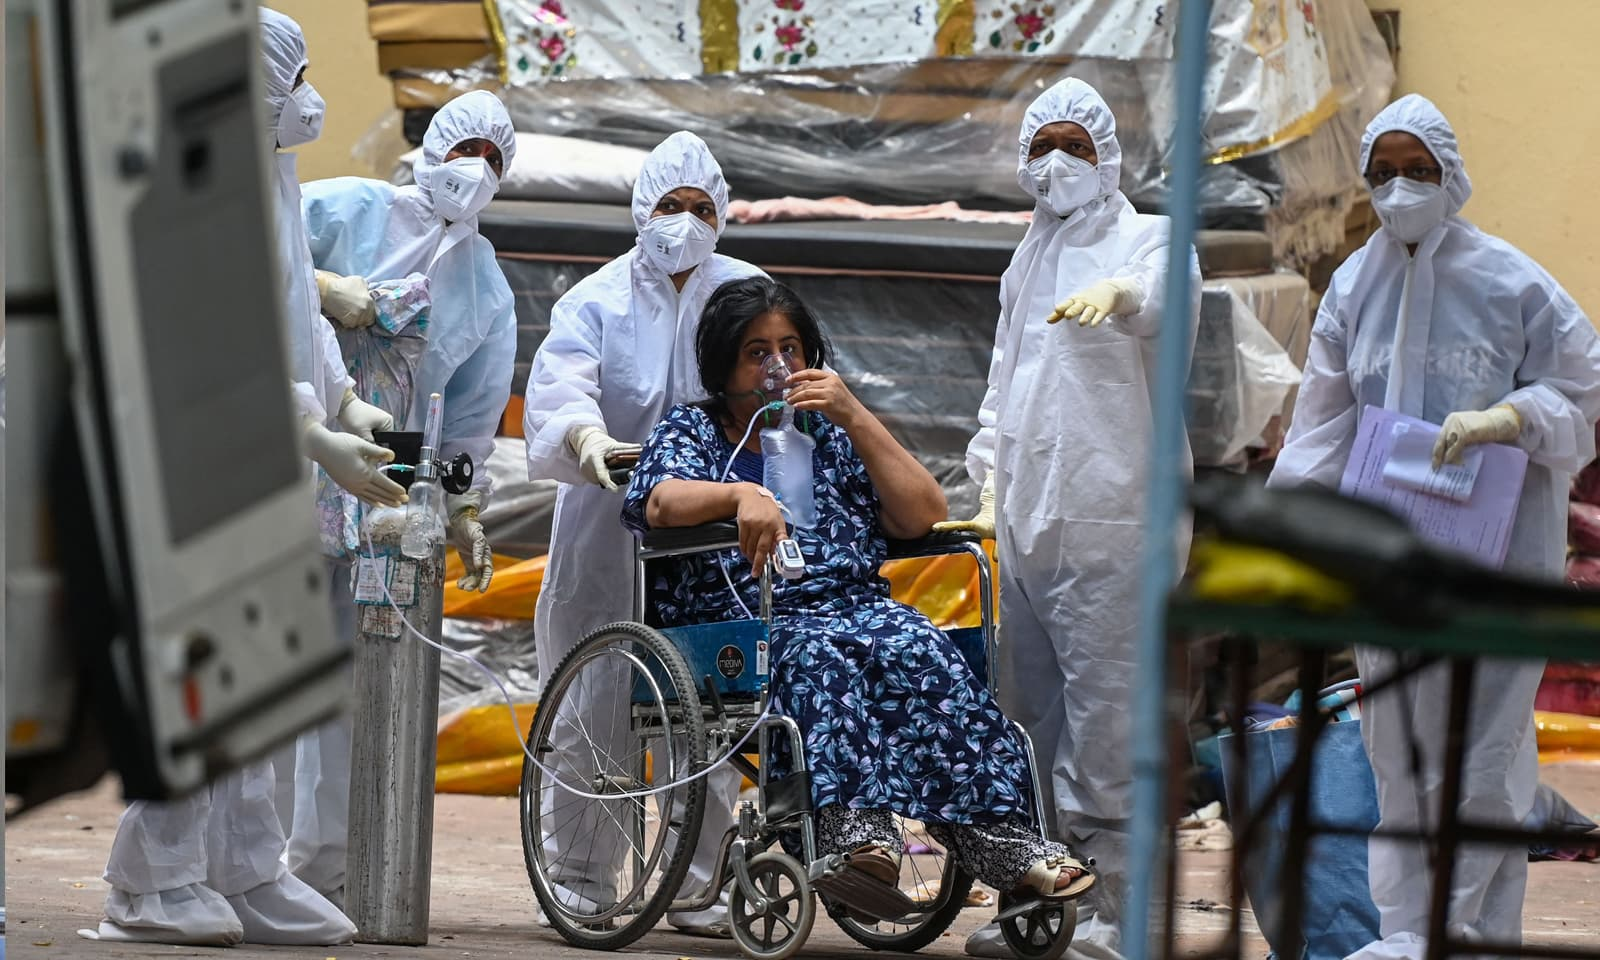 ممبئی کے ہسپتالوں میں آئی سی یوز میں بھی جگہ کم پڑنا شروع ہوگئی —فوٹو:اے ایف  پی